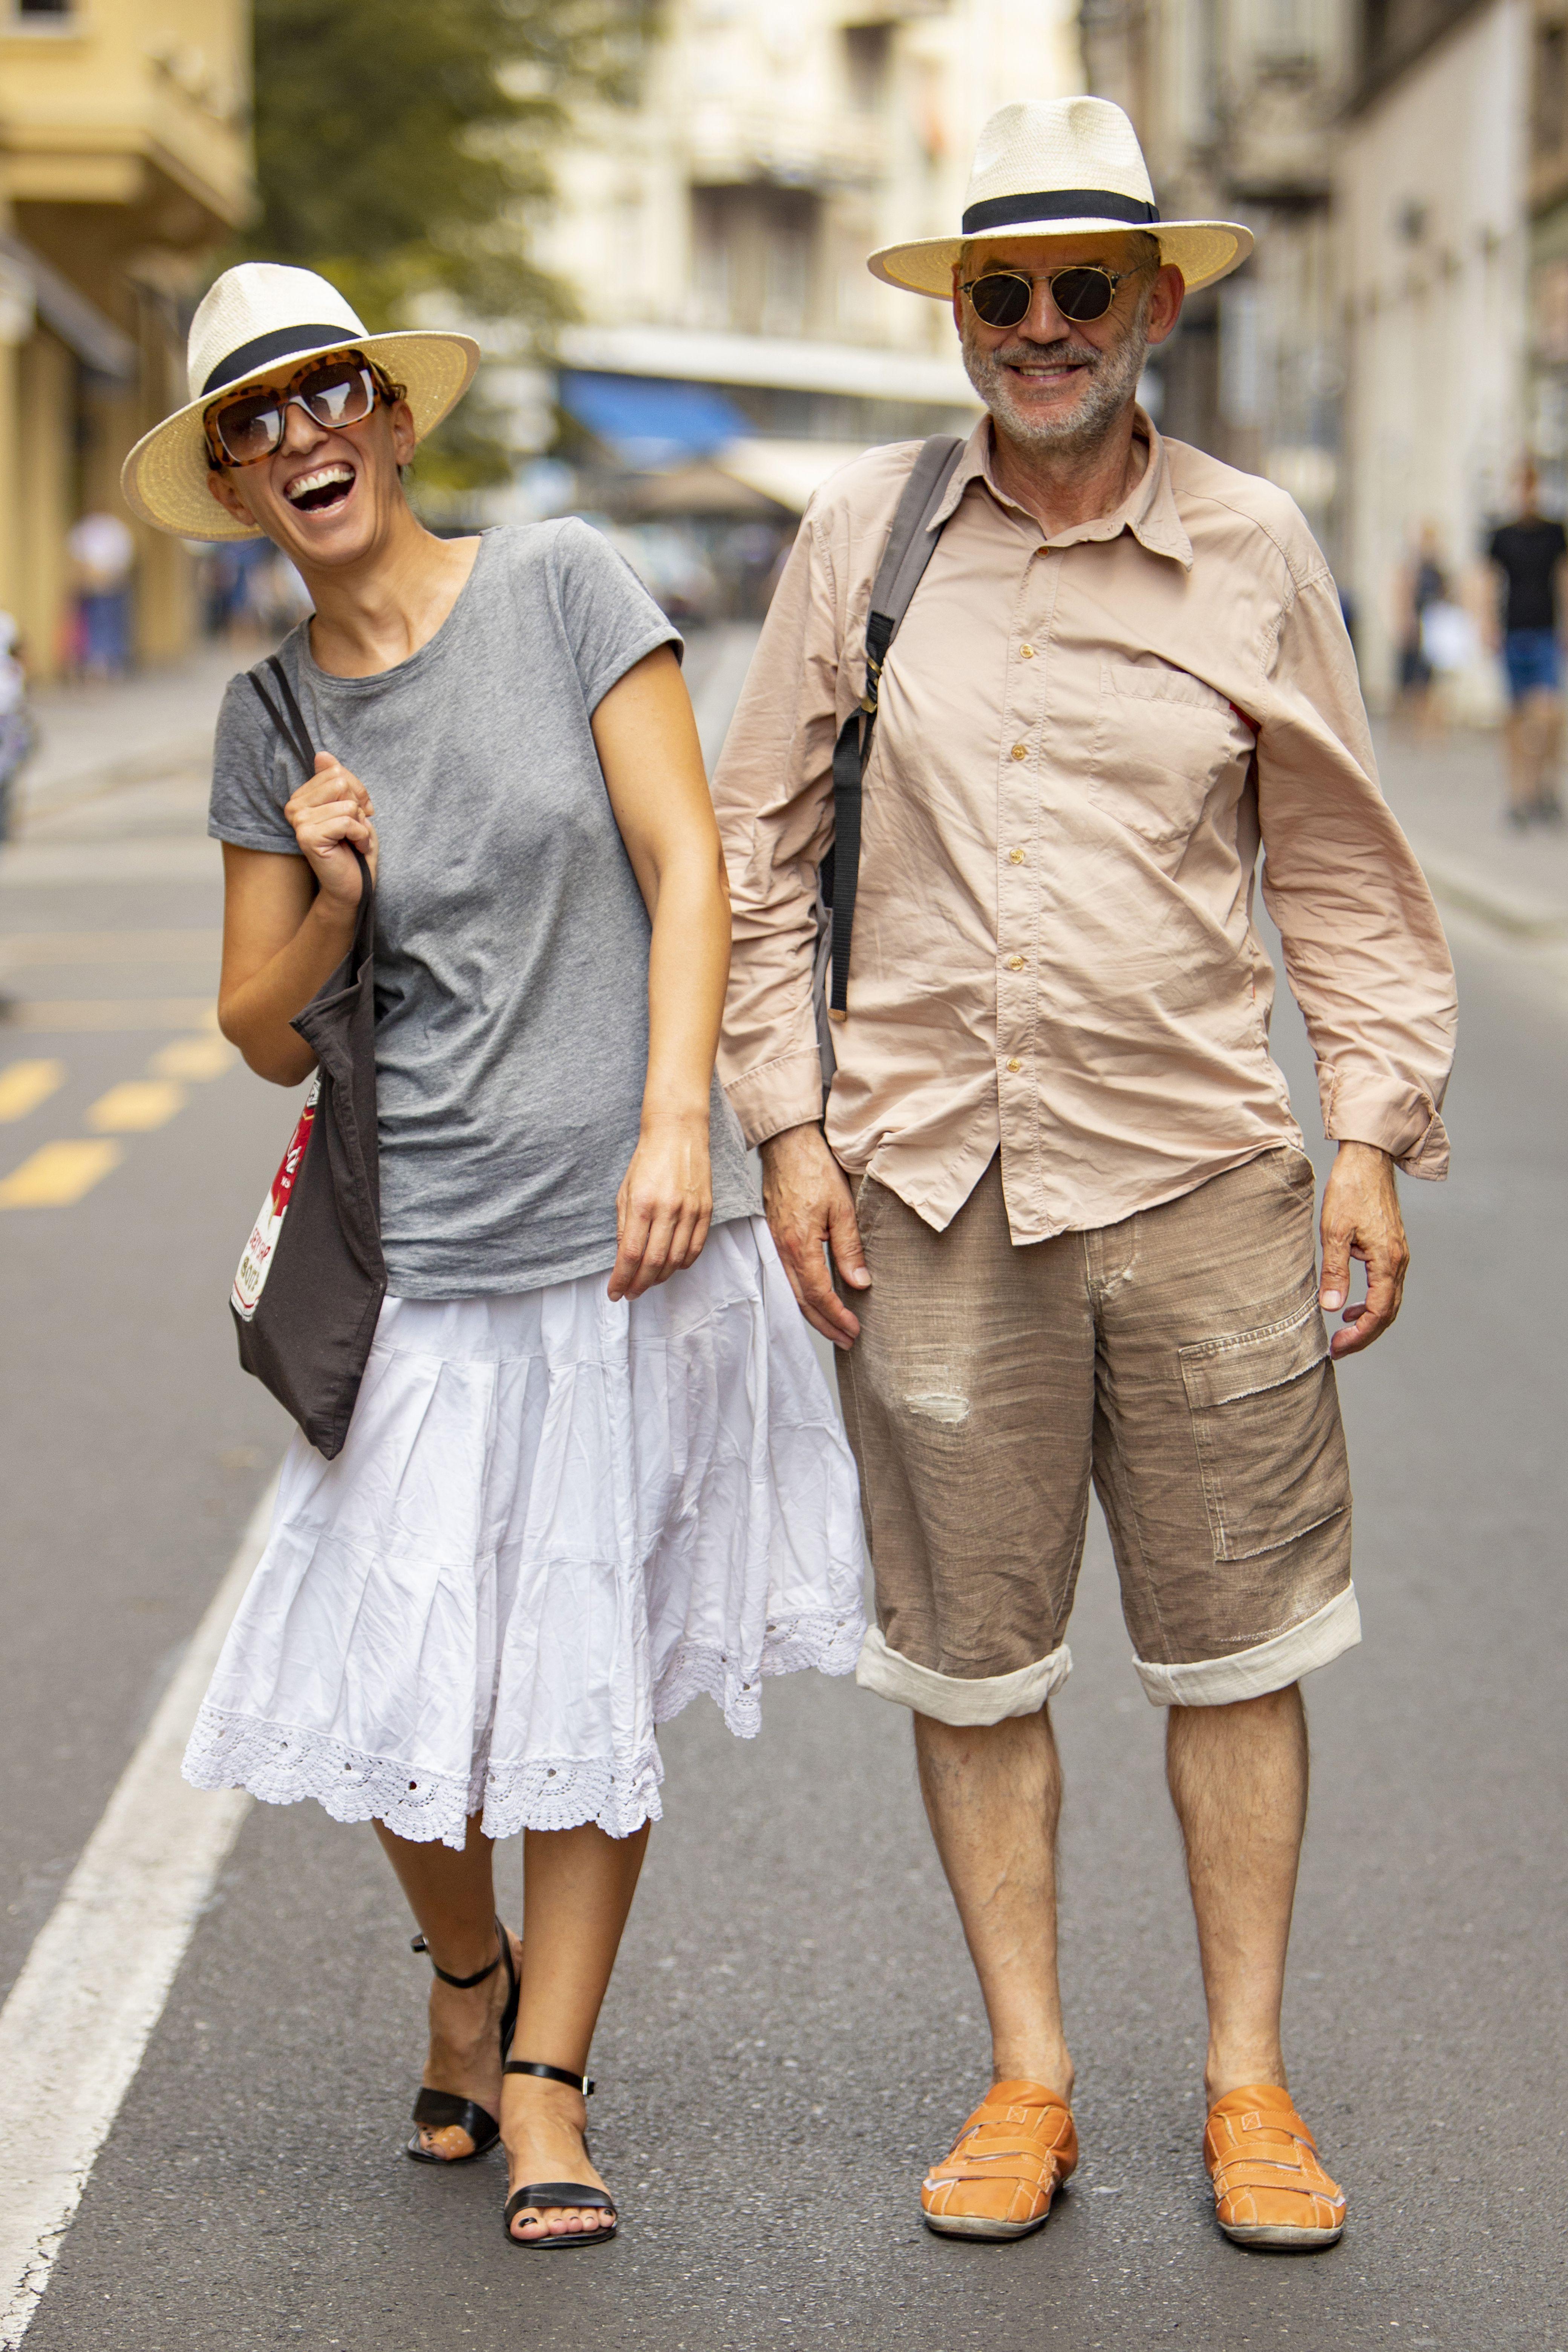 Najsimpatičniji dvojac ikada! 'Suknju sam sašila od stare bakine plahte'